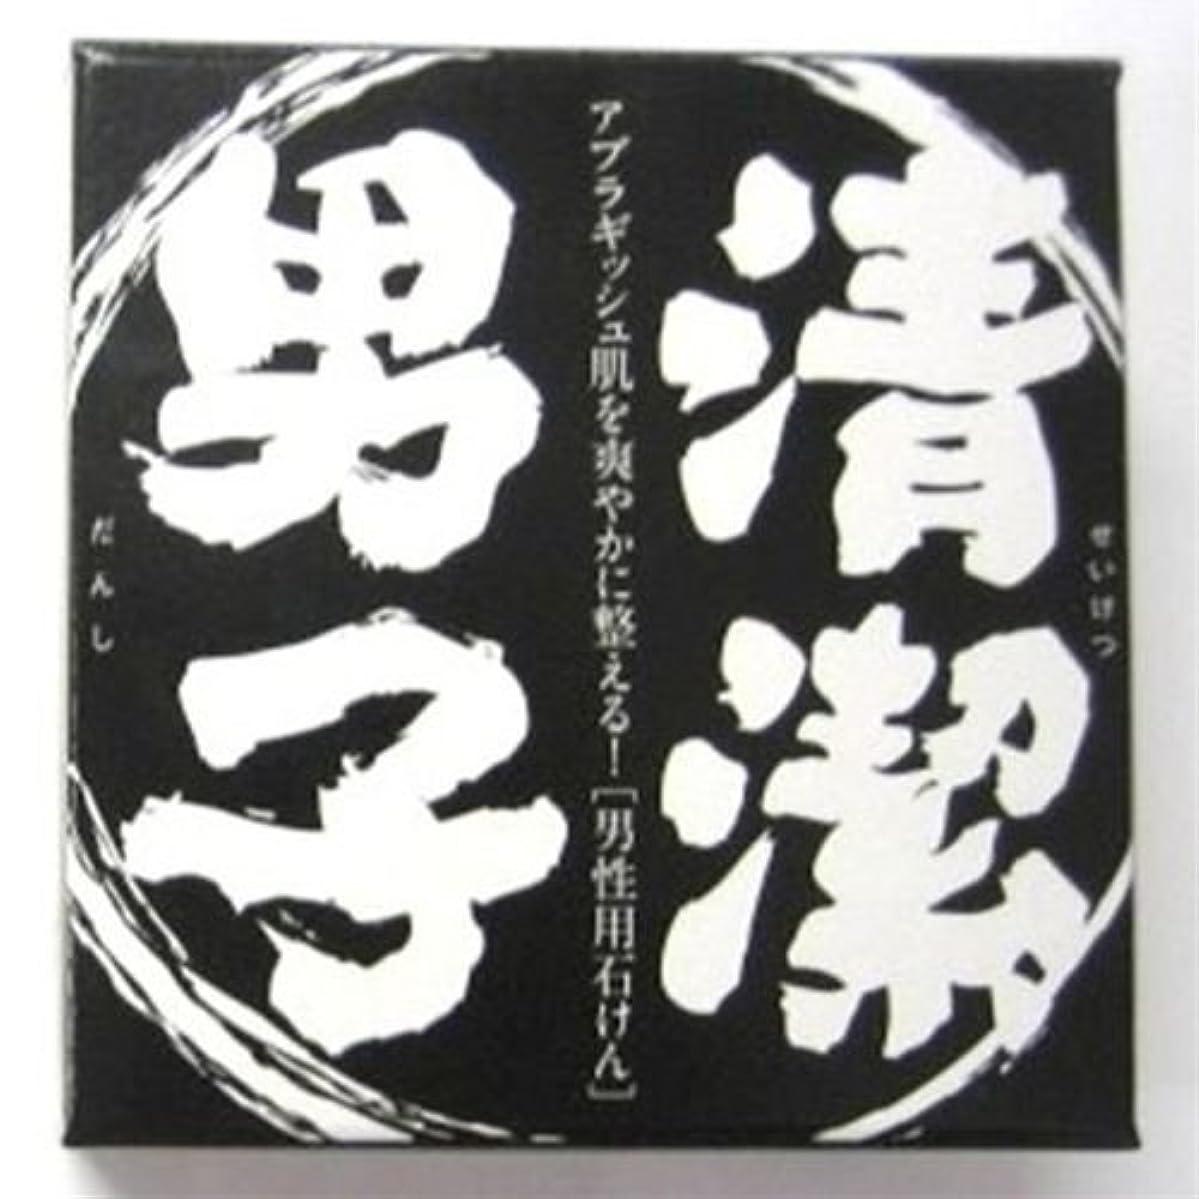 重力スーパーマーケット郵便物うにの尾塚水産 化粧石鹸 清潔男子 100g